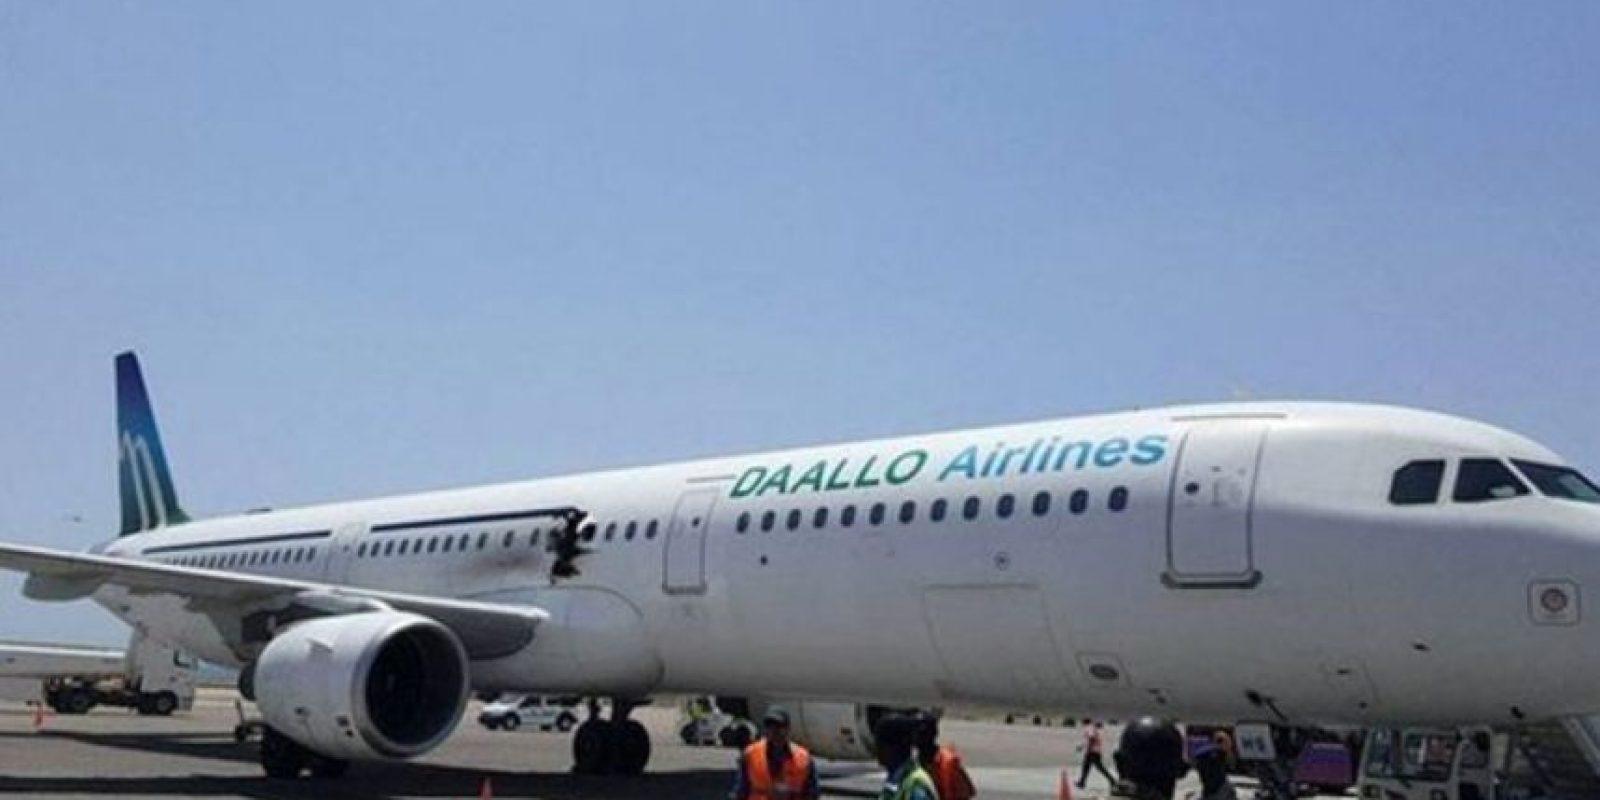 Las calificaciones se basan en factores como si la aerolínea está aprobada por la Administración Federal de Aviación, si cumple con la Organización Internacional de Aviación Civil (OACI), además de su fabricación. Foto:Vía Twitter